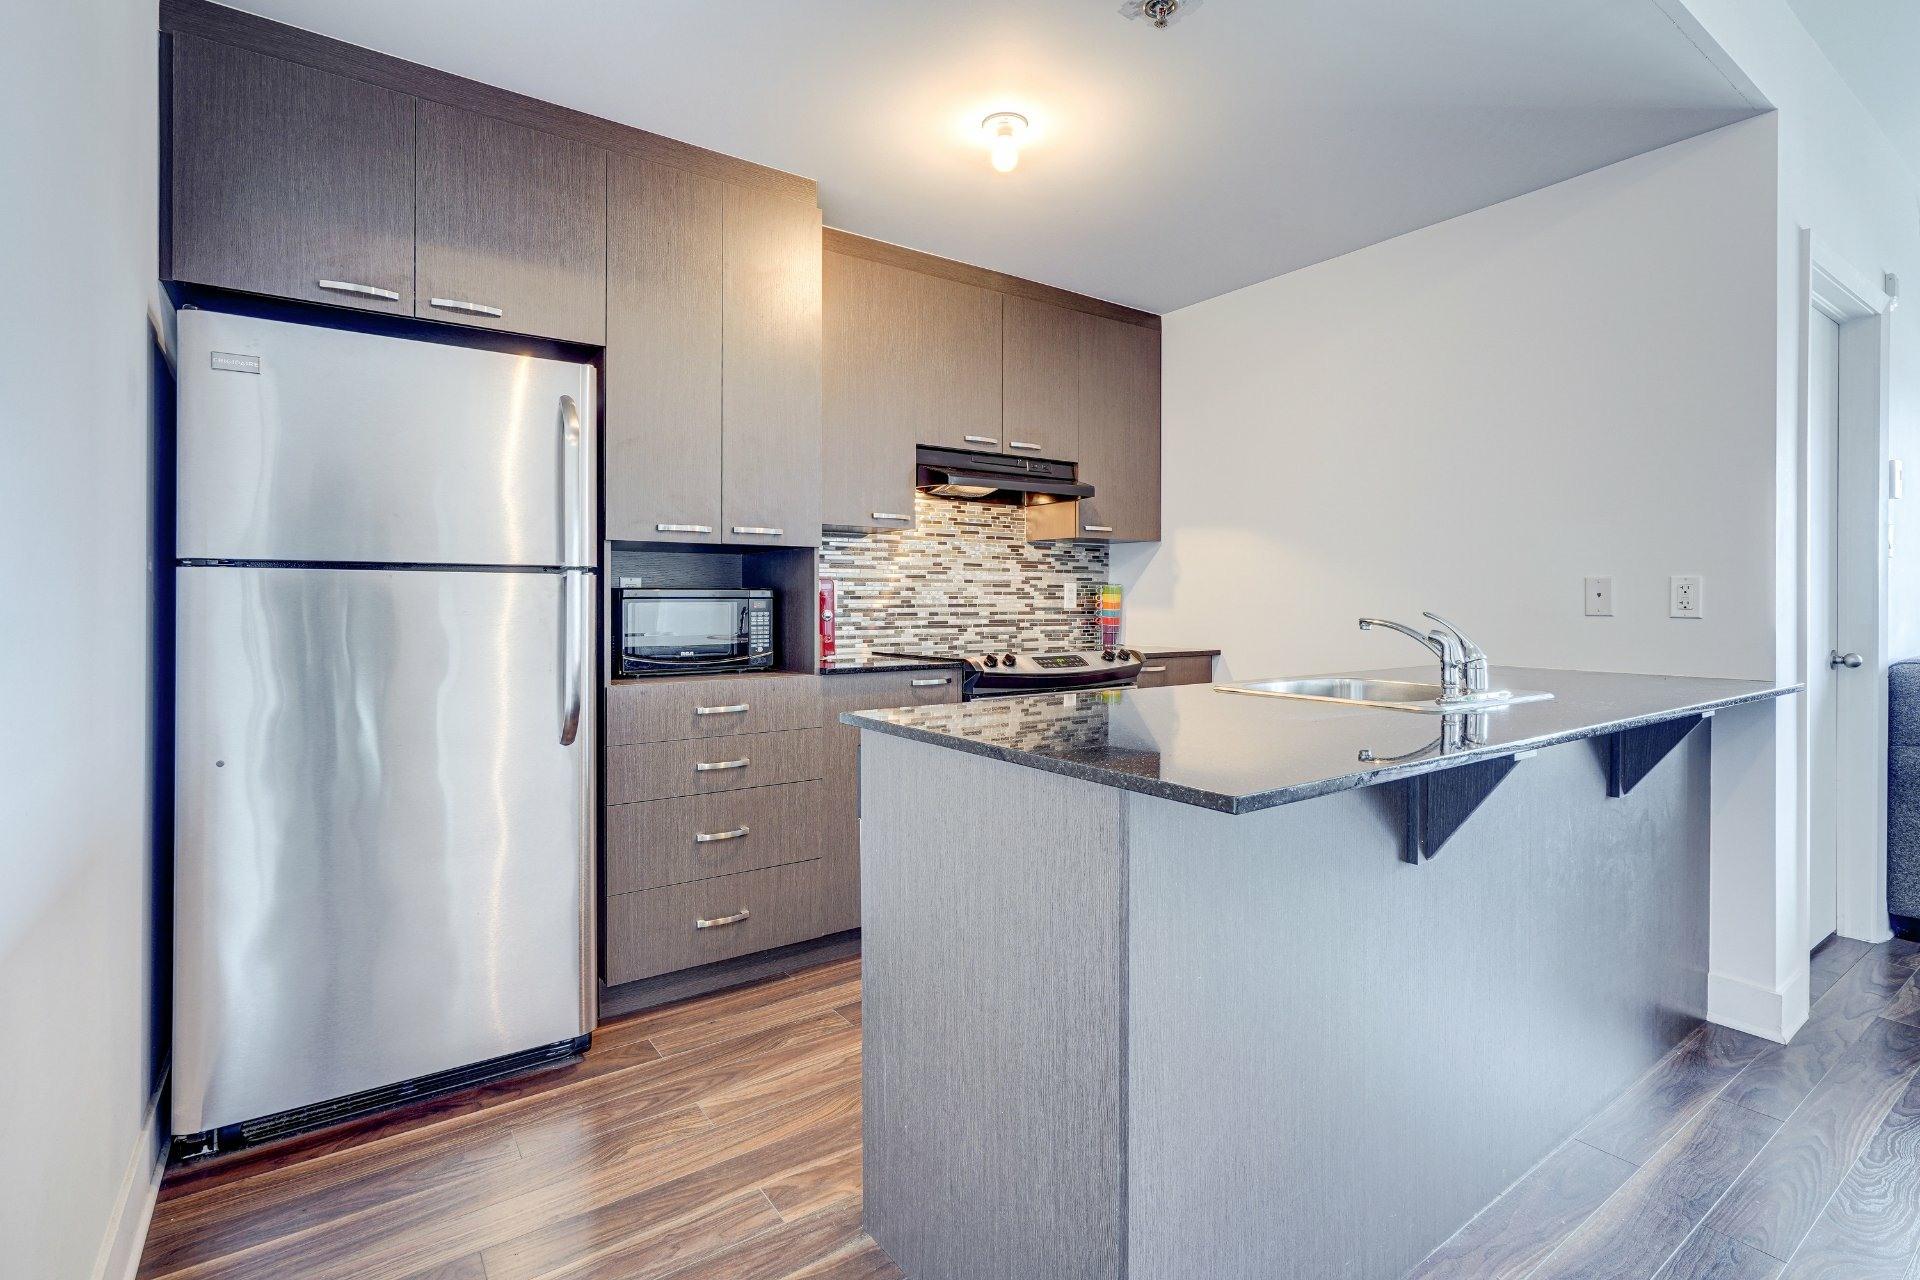 image 9 - Appartement À vendre Saint-Laurent Montréal  - 7 pièces